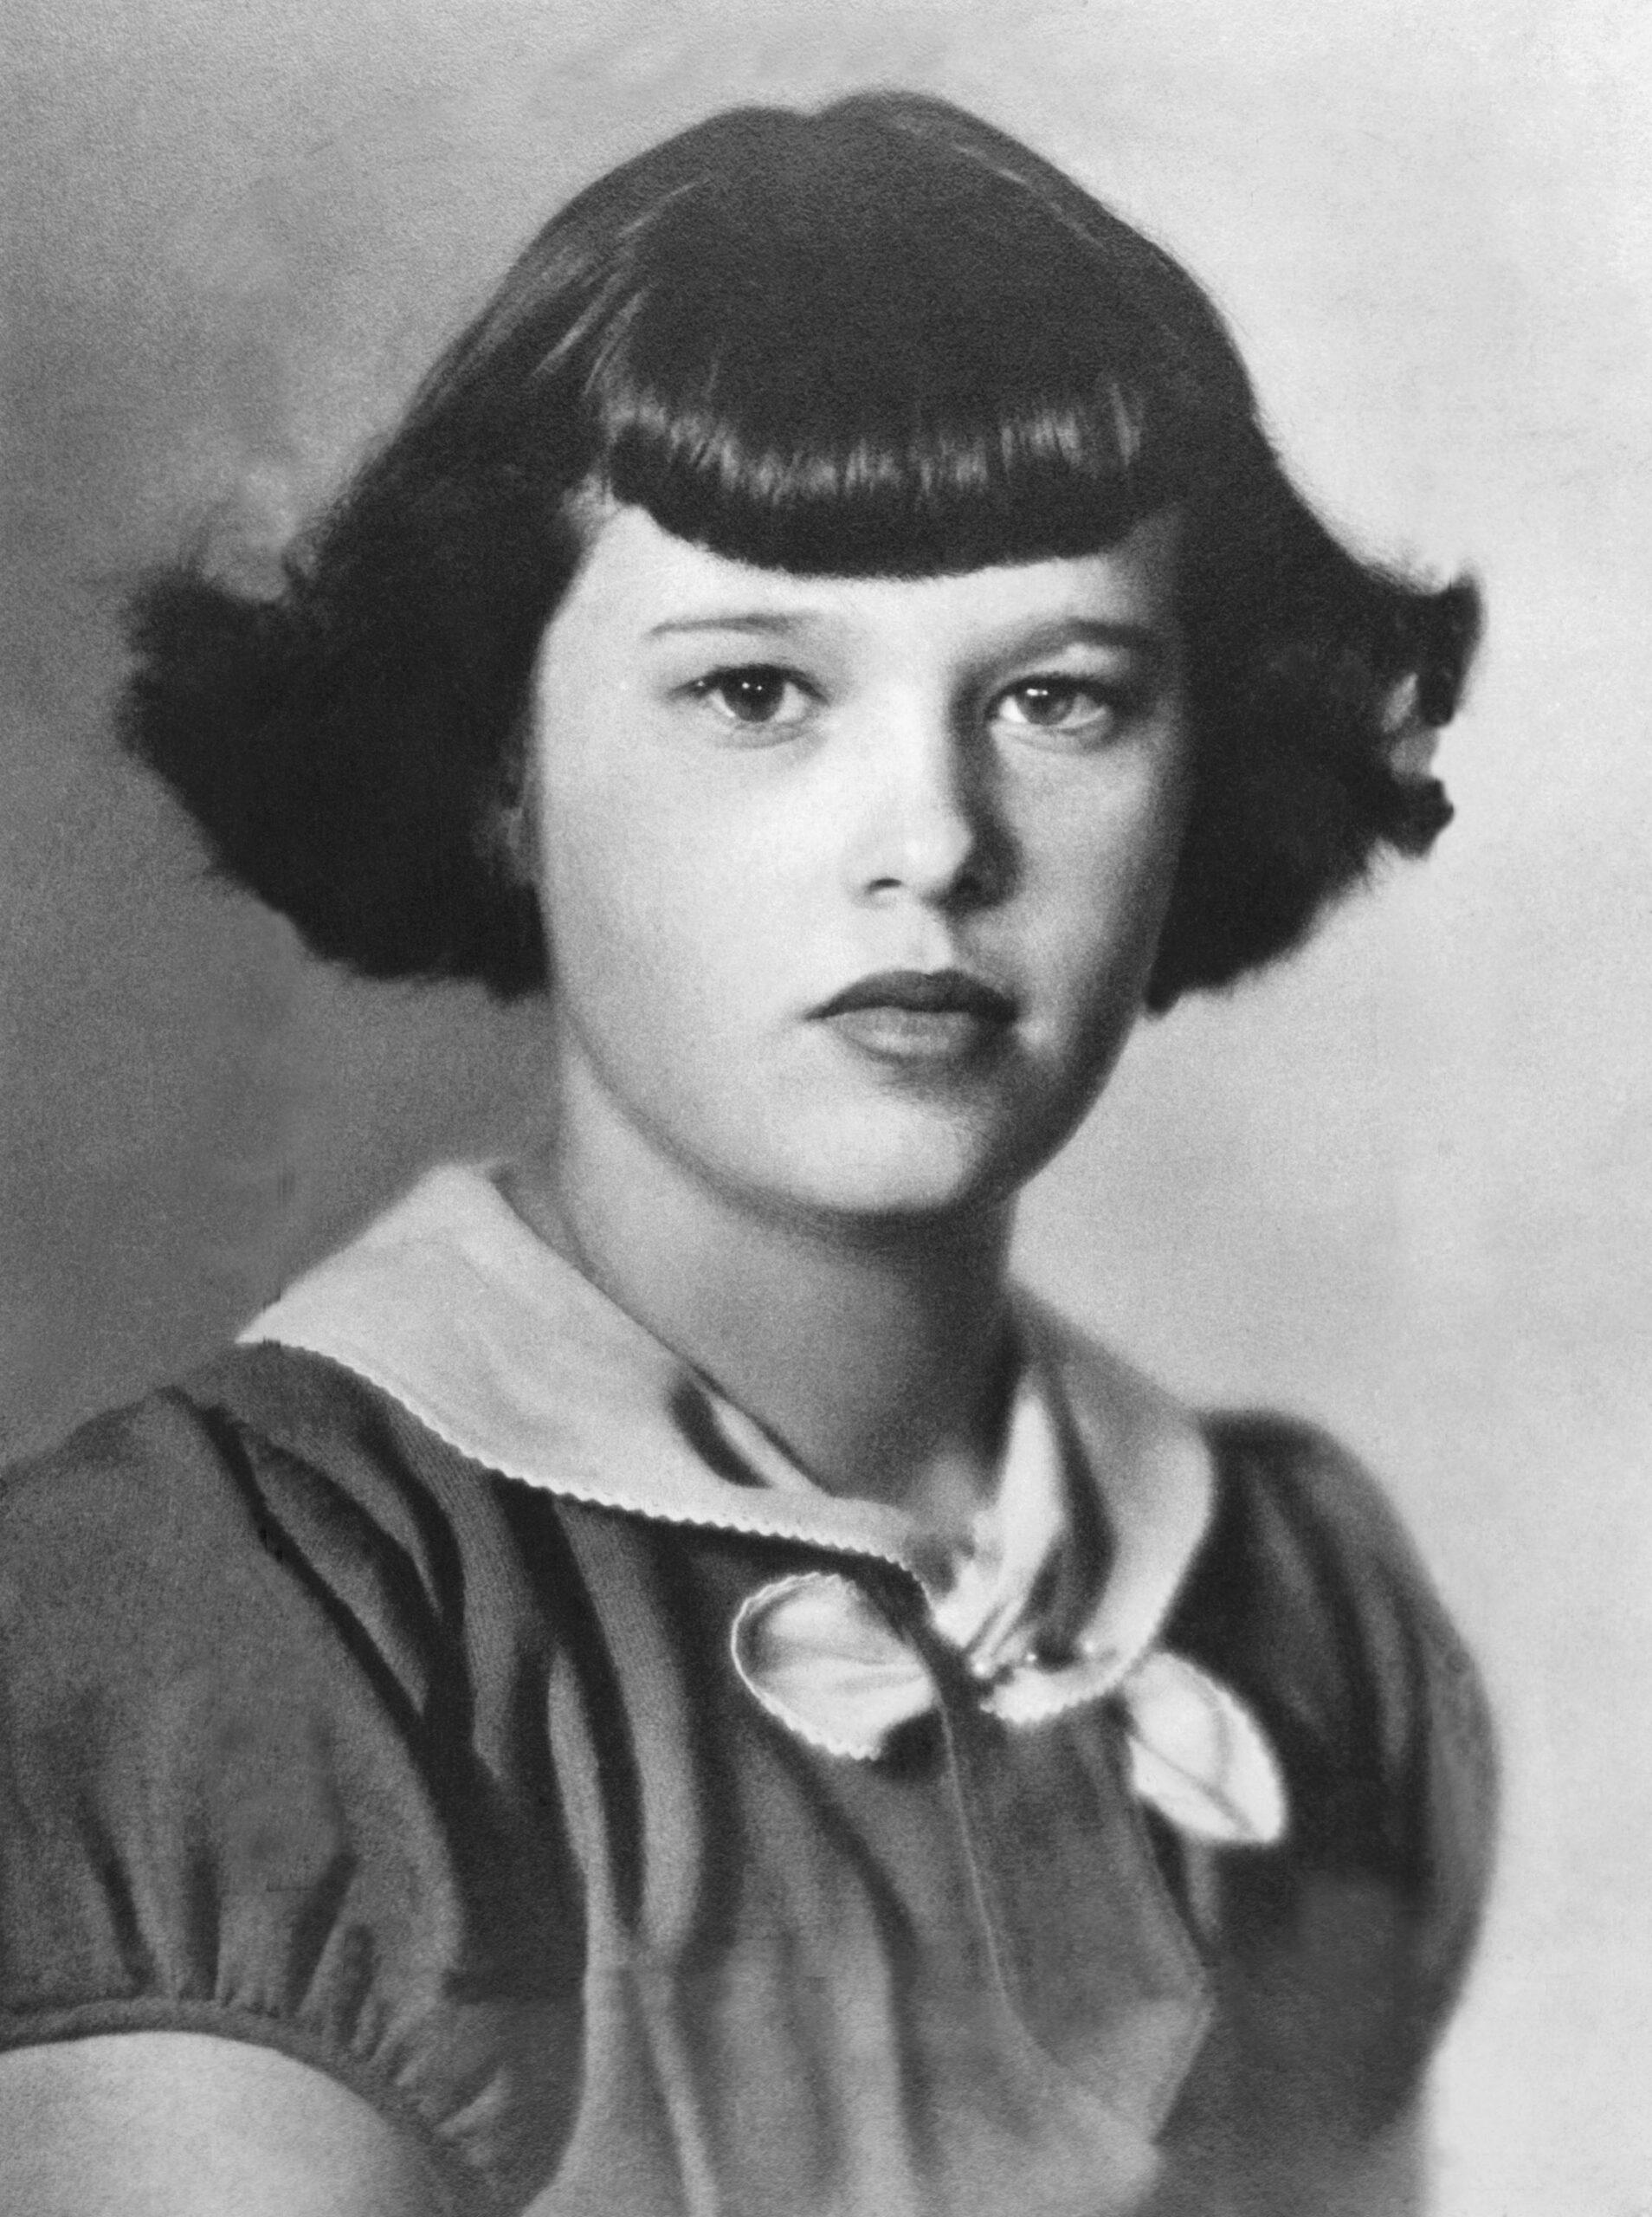 Gloria Vanderbilt age 13